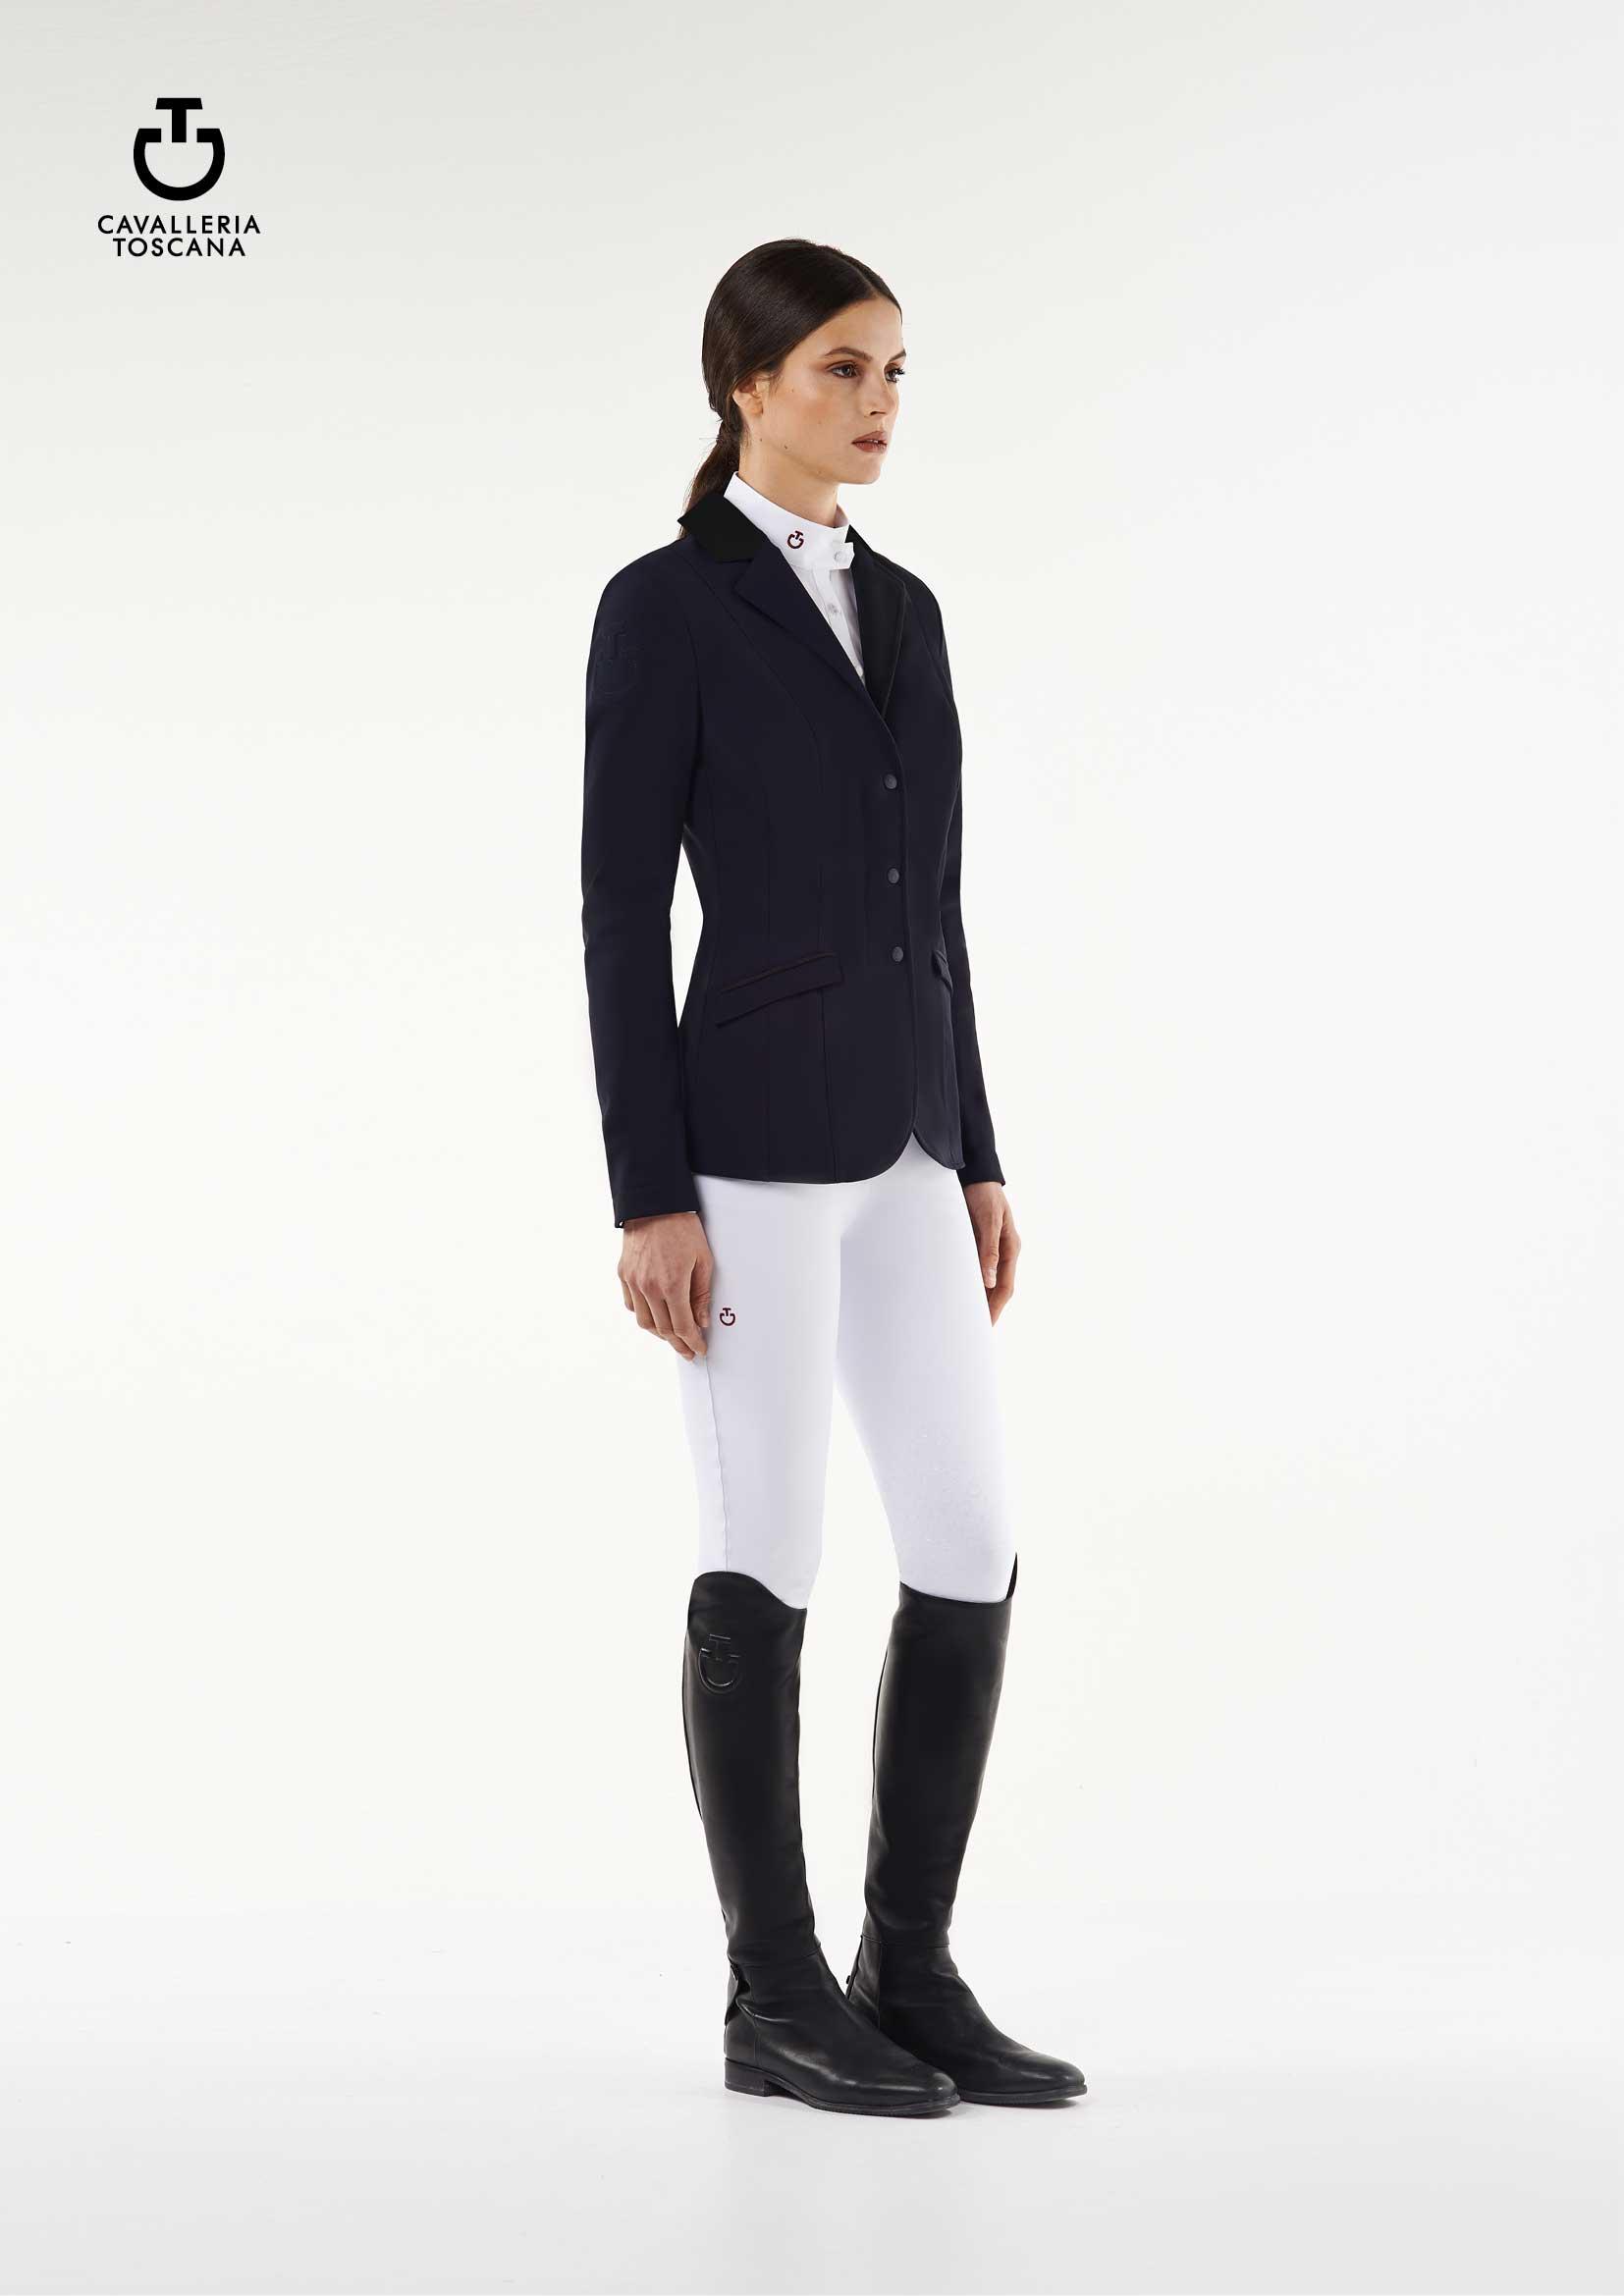 Tävlingskavaj Cavalleria Toscana Zip Riding Jacket 013076b8776c6